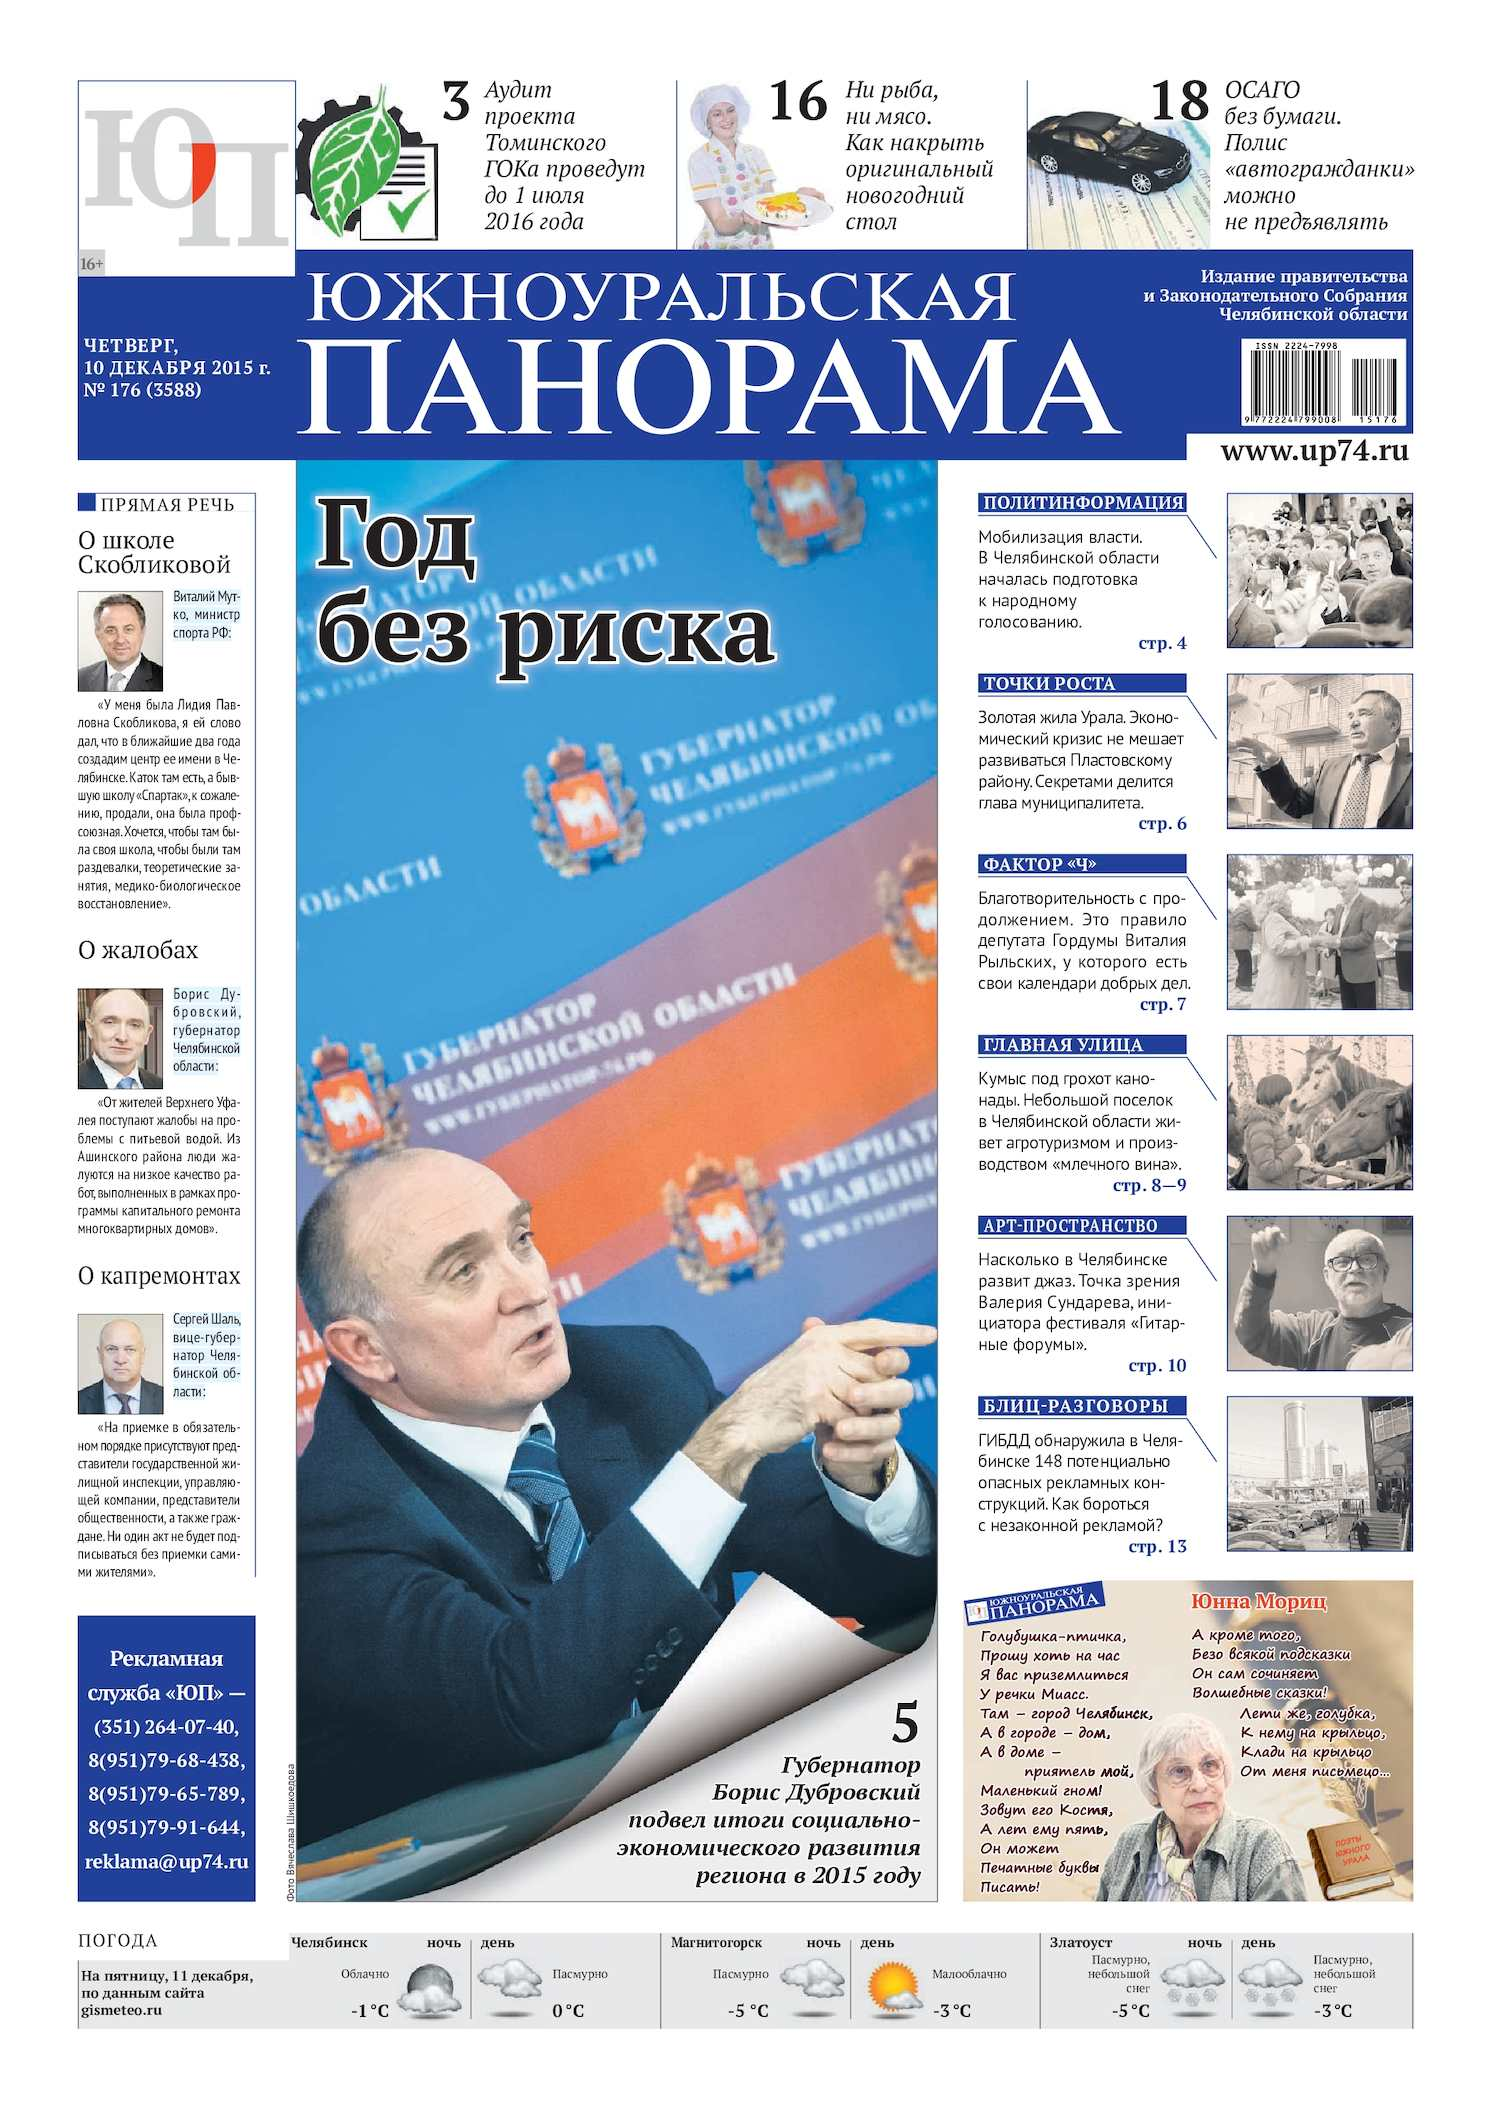 где взять кредит 200000 рублей без справок случаях для этого будет совсем паспорта дебаты заявки согаз отказаться от страховки по кредиту